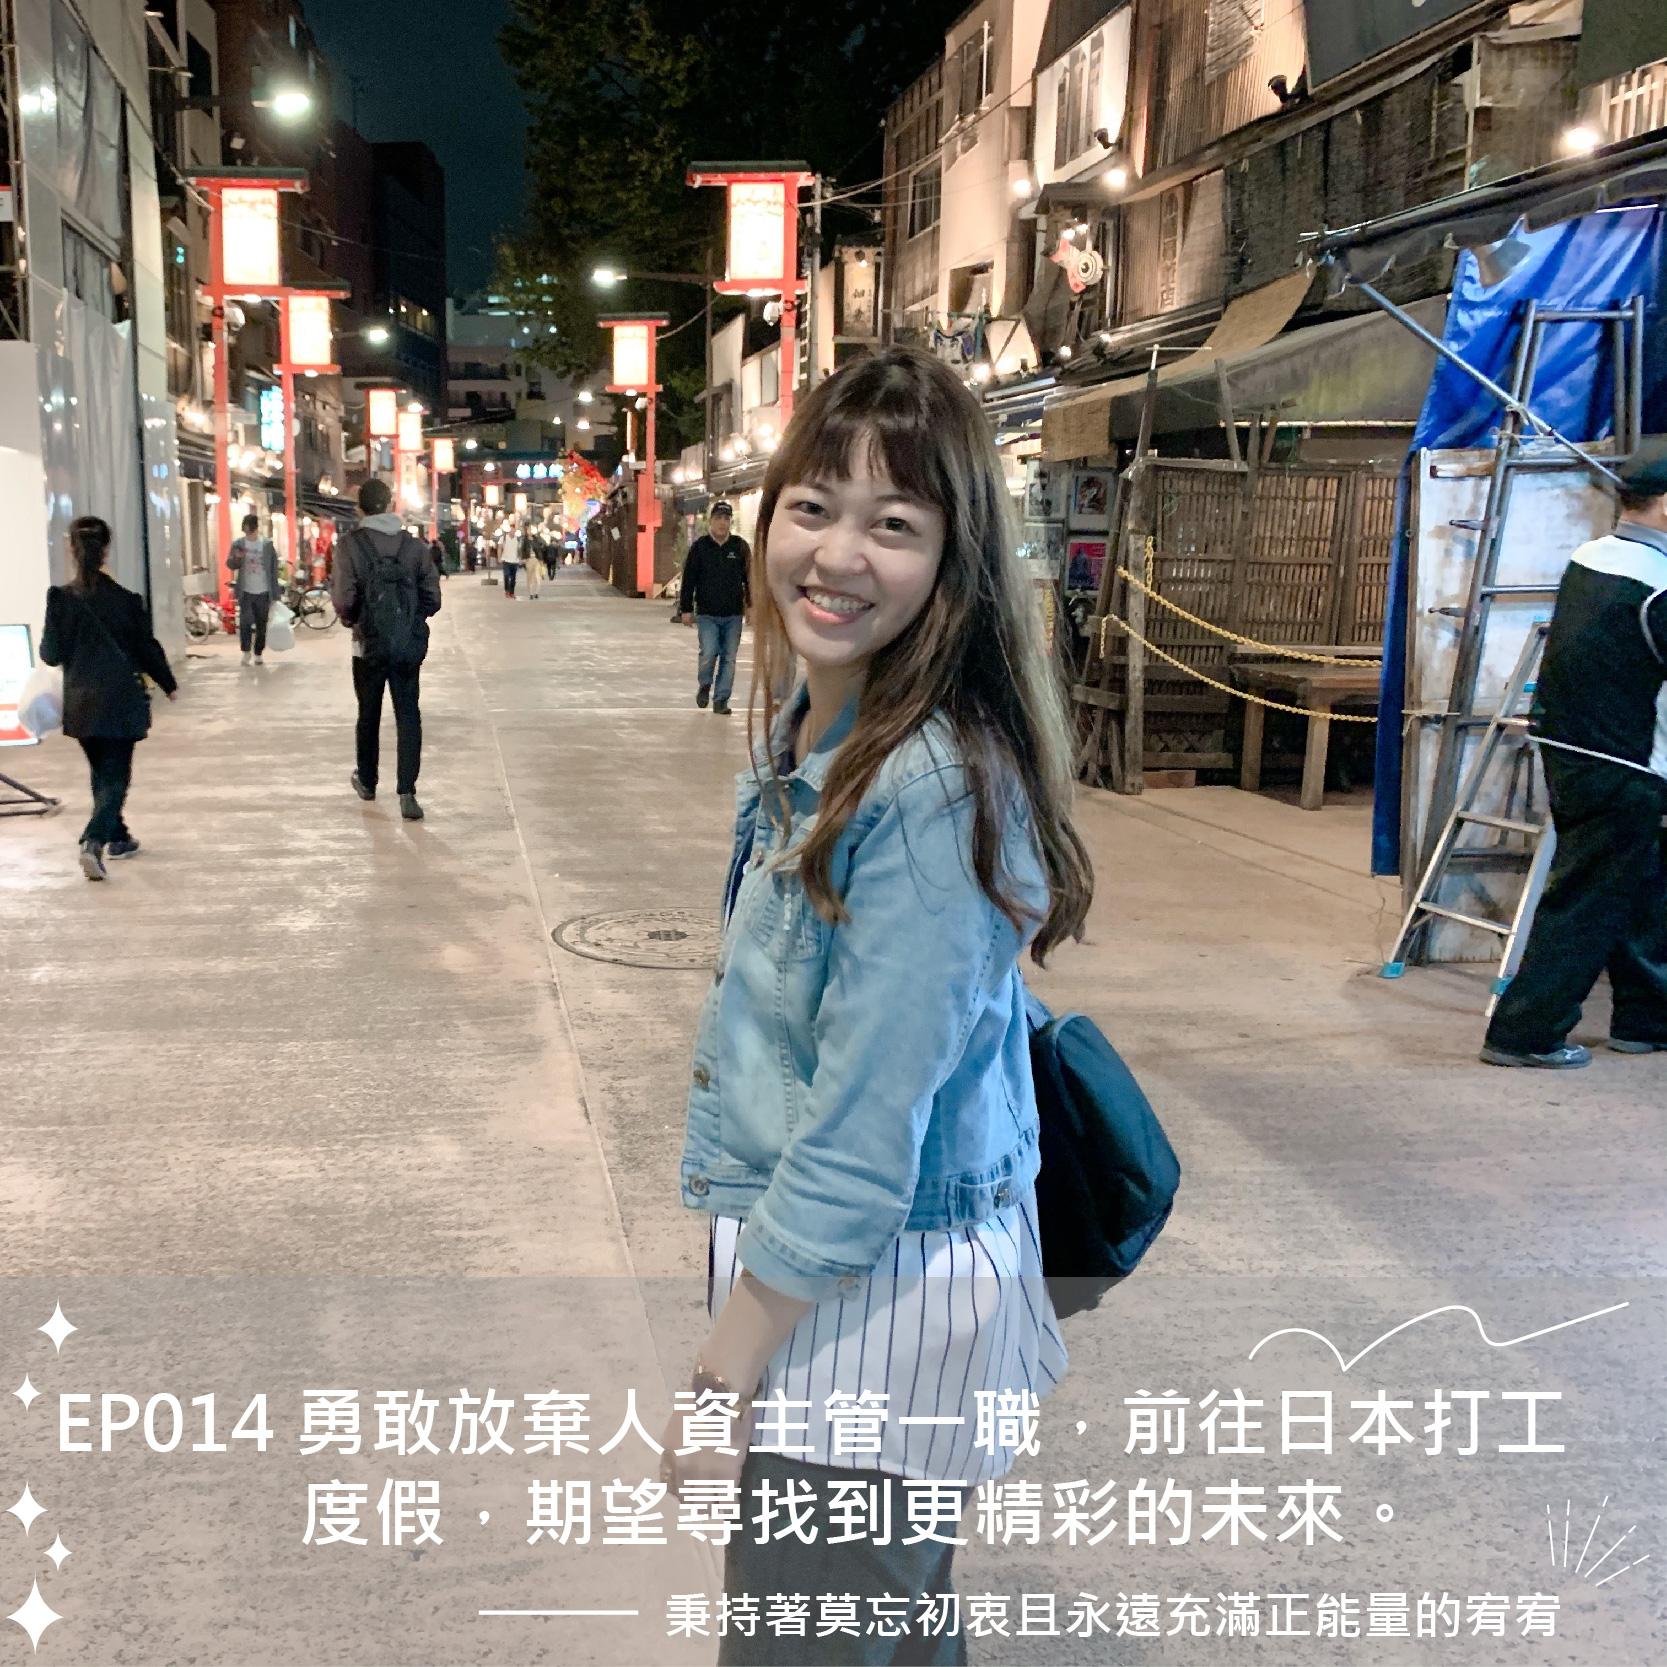 玖零西西人生能量飲EP014 勇敢辭去人資主管一職,前往日本打工度假,期望尋找到更精采的未來。--秉持著莫忘初衷且永遠充滿正能量的宥宥